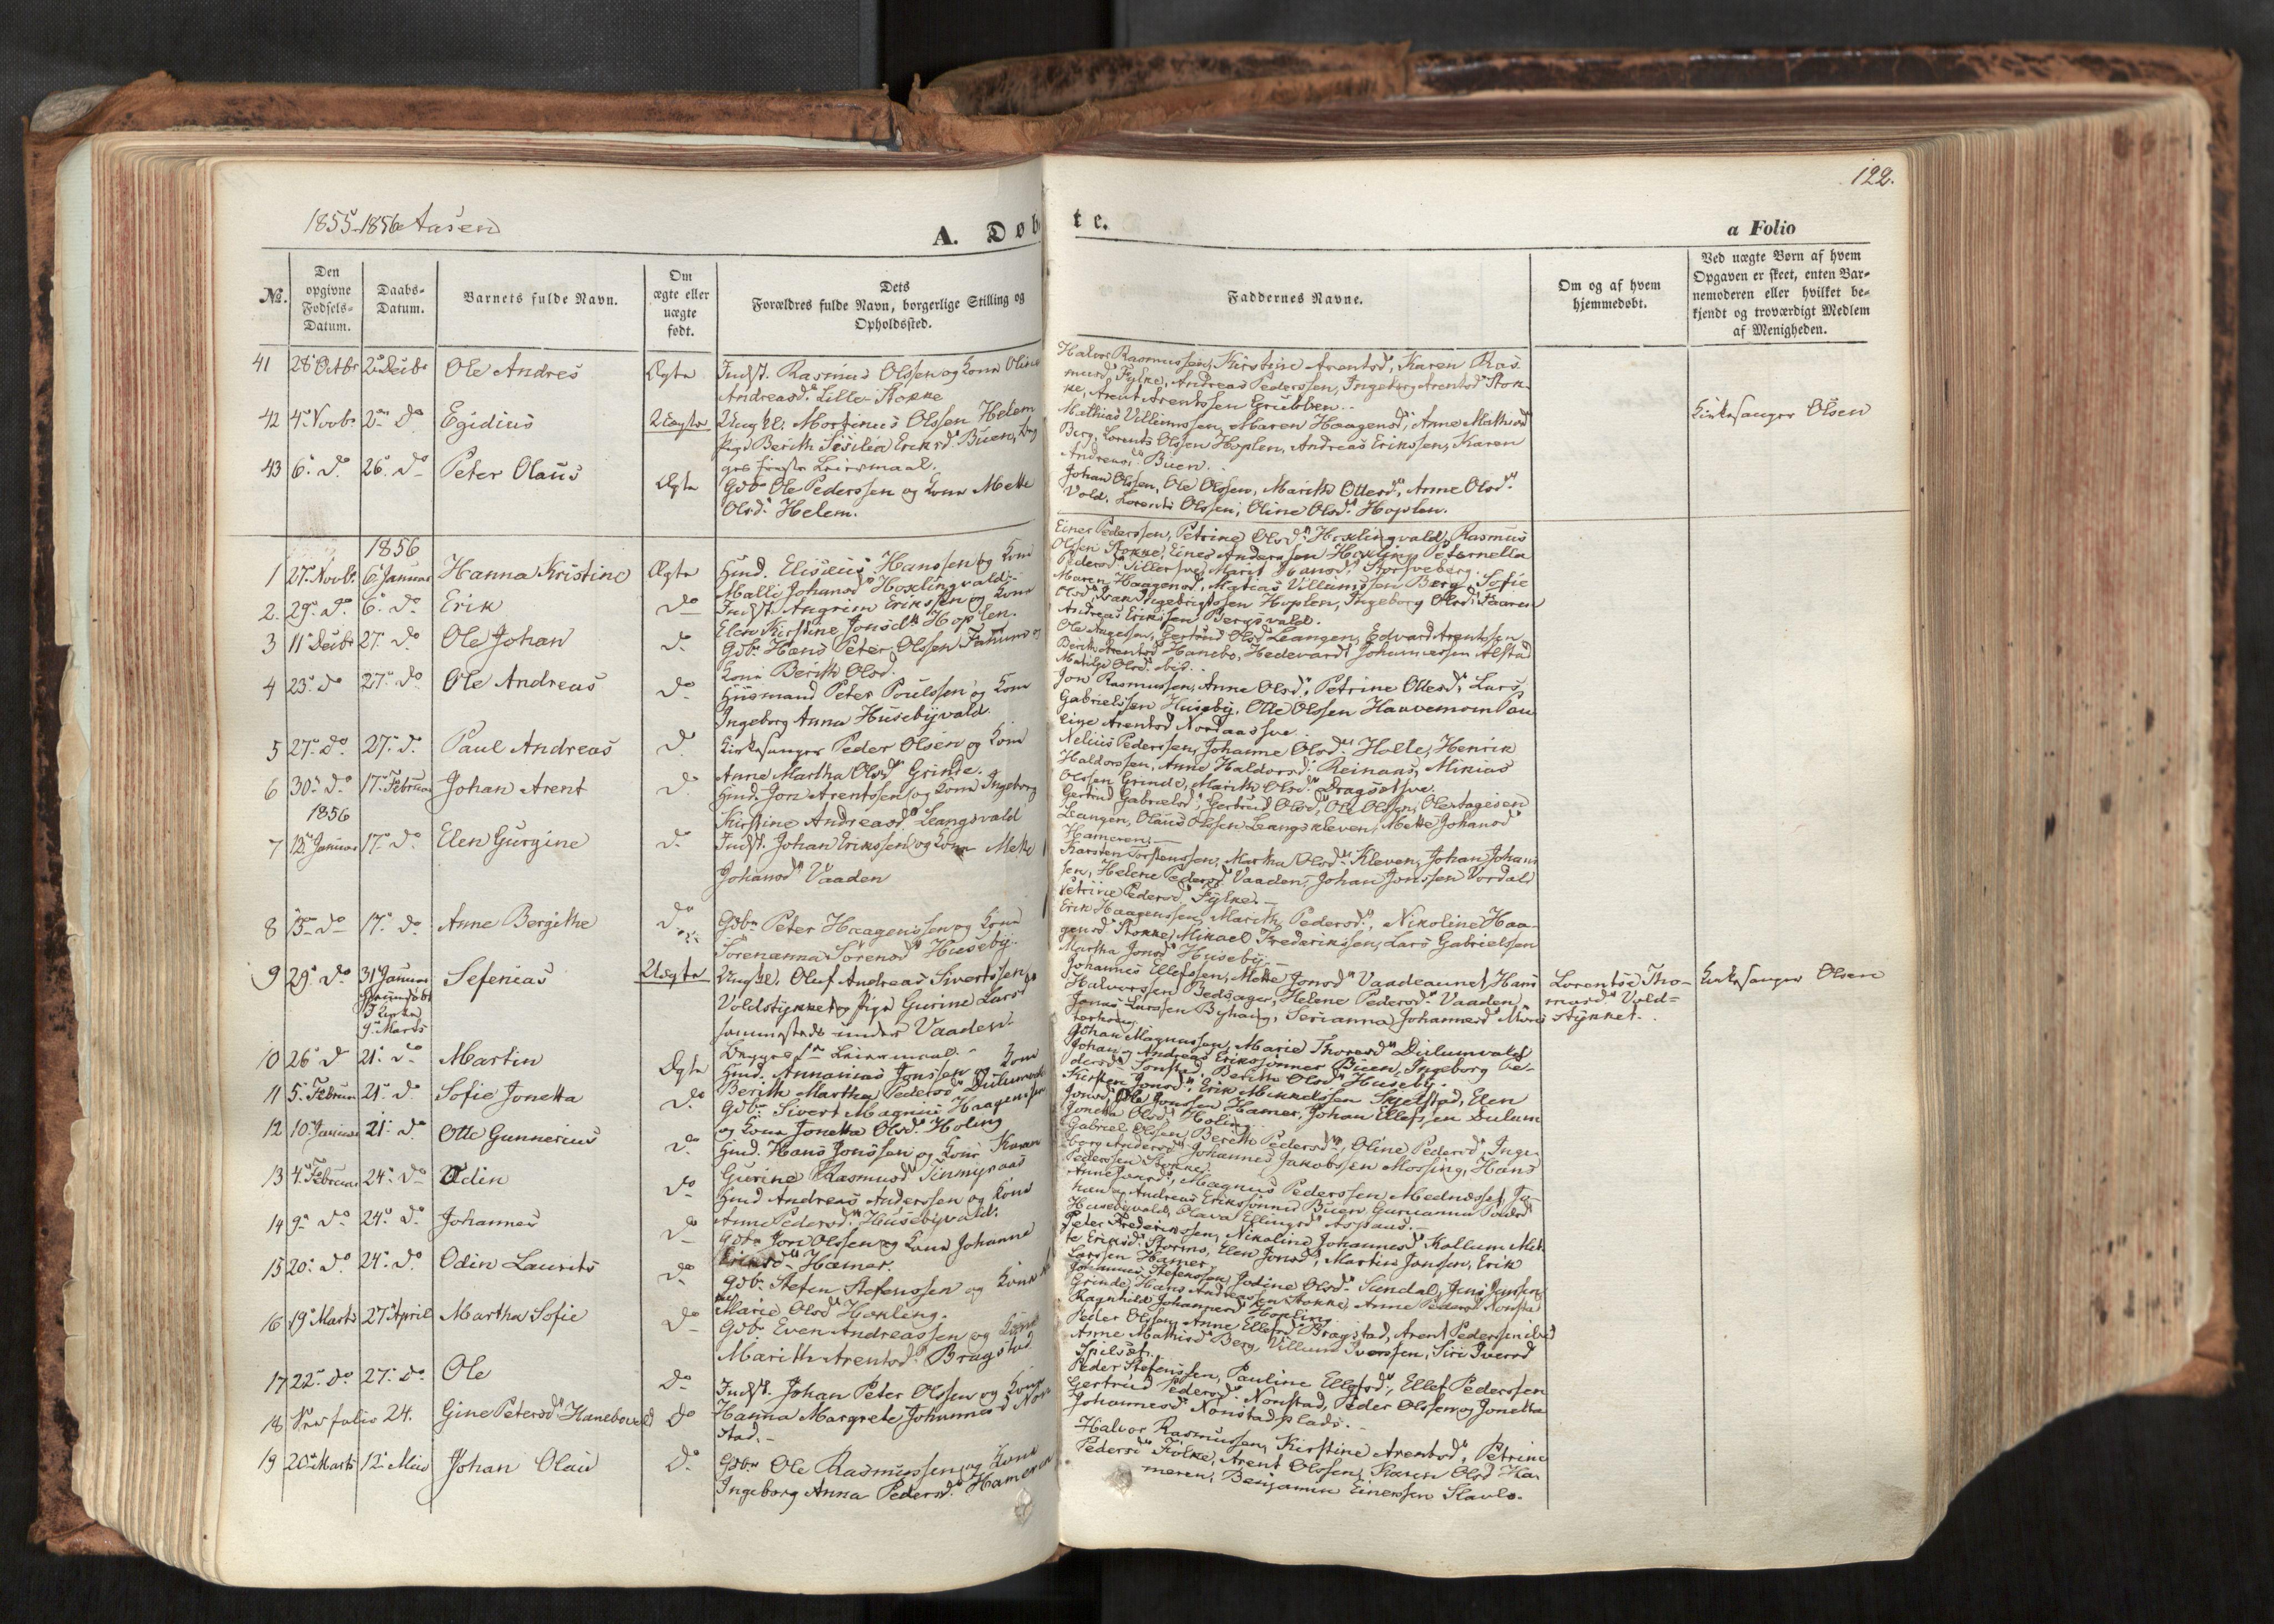 SAT, Ministerialprotokoller, klokkerbøker og fødselsregistre - Nord-Trøndelag, 713/L0116: Ministerialbok nr. 713A07, 1850-1877, s. 122